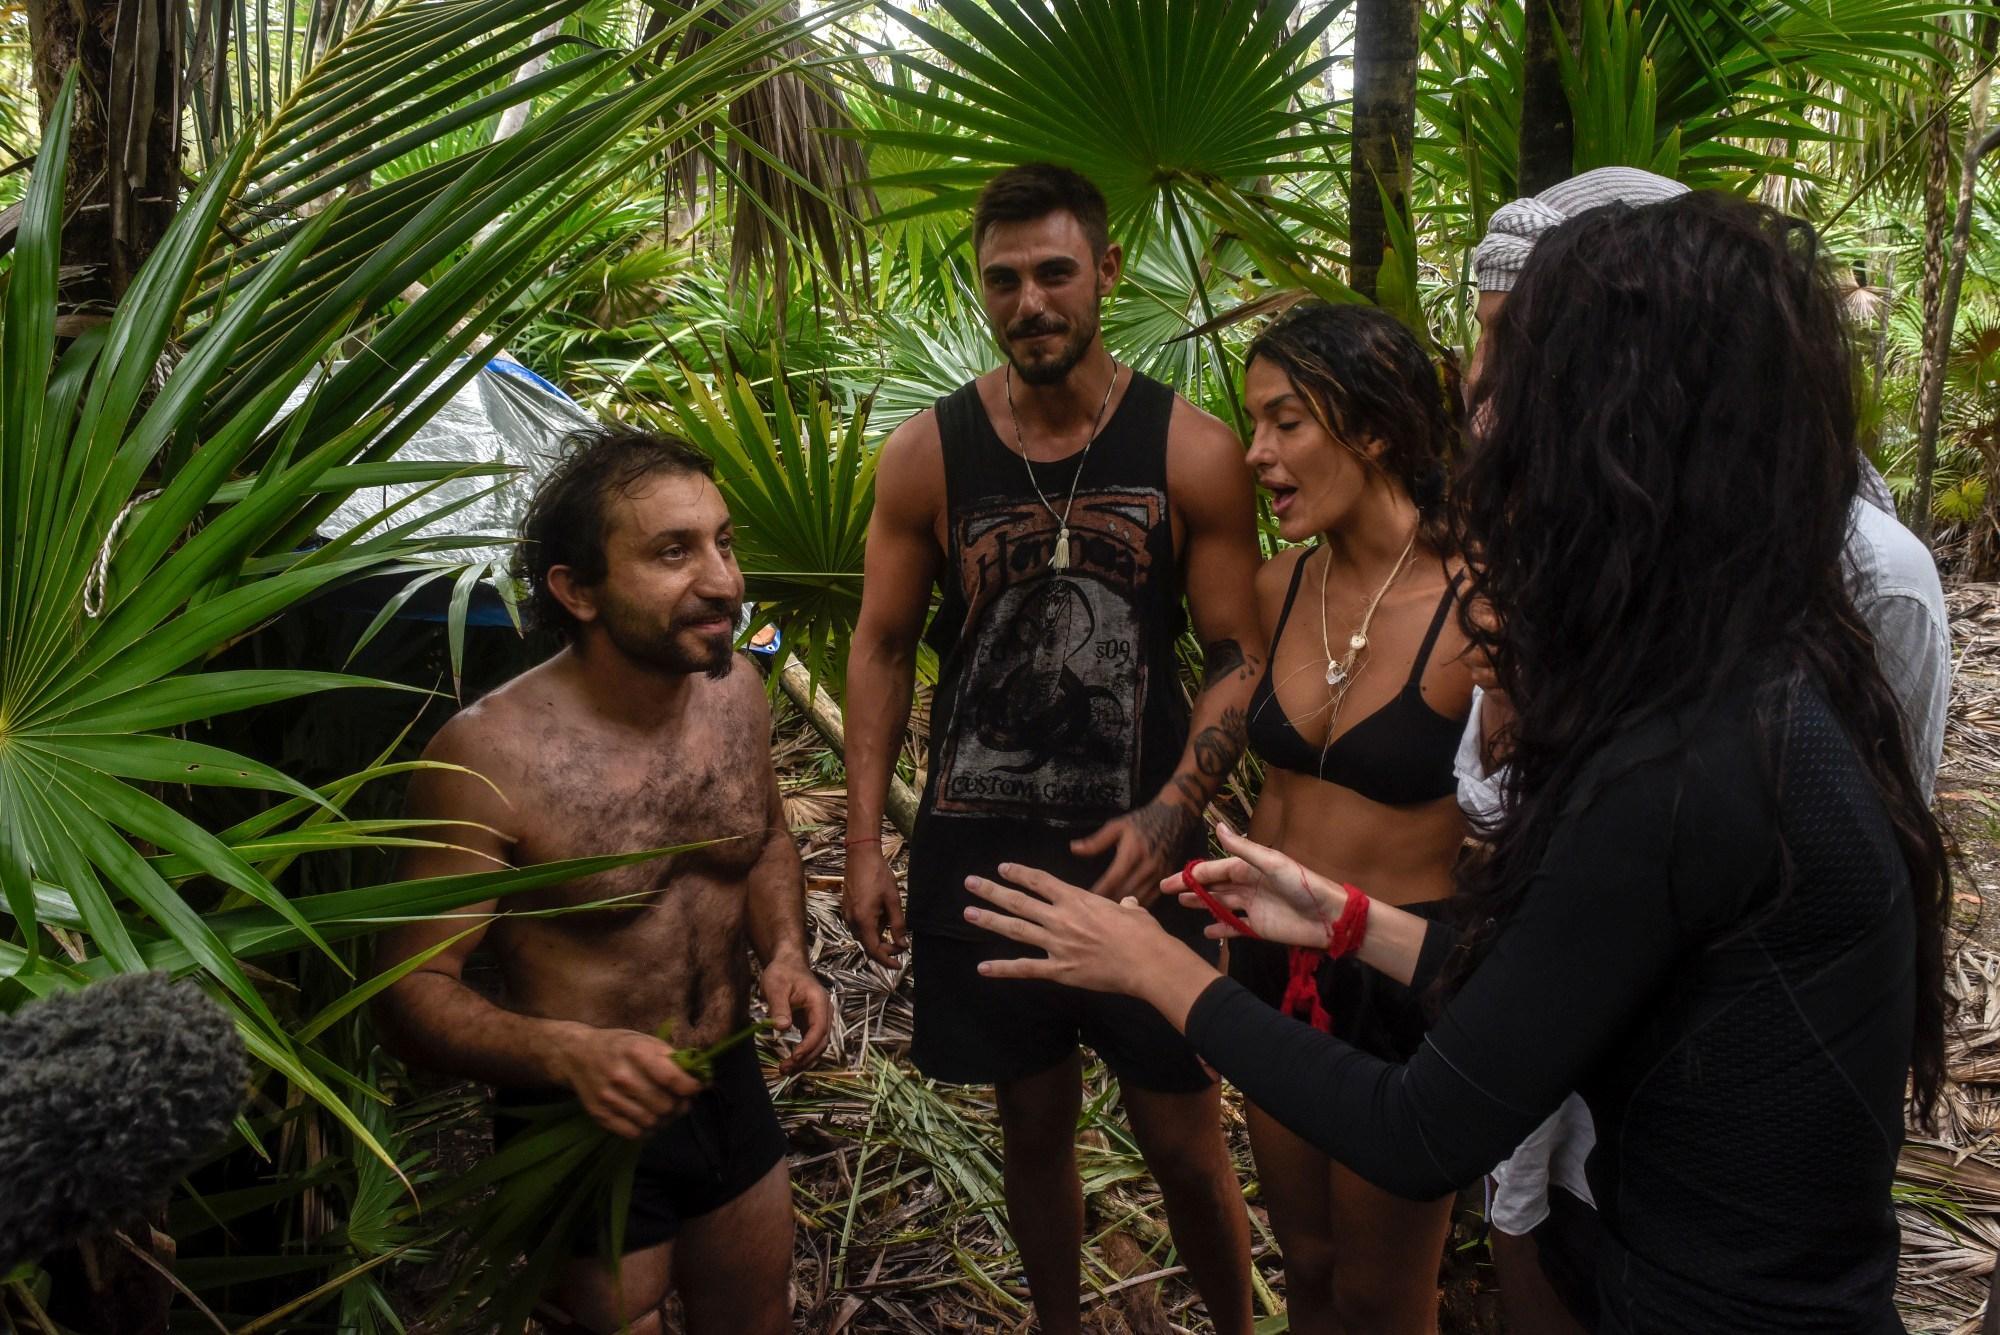 Isola dei Famosi: Simone Barbato si unisce al gruppo dei Peor